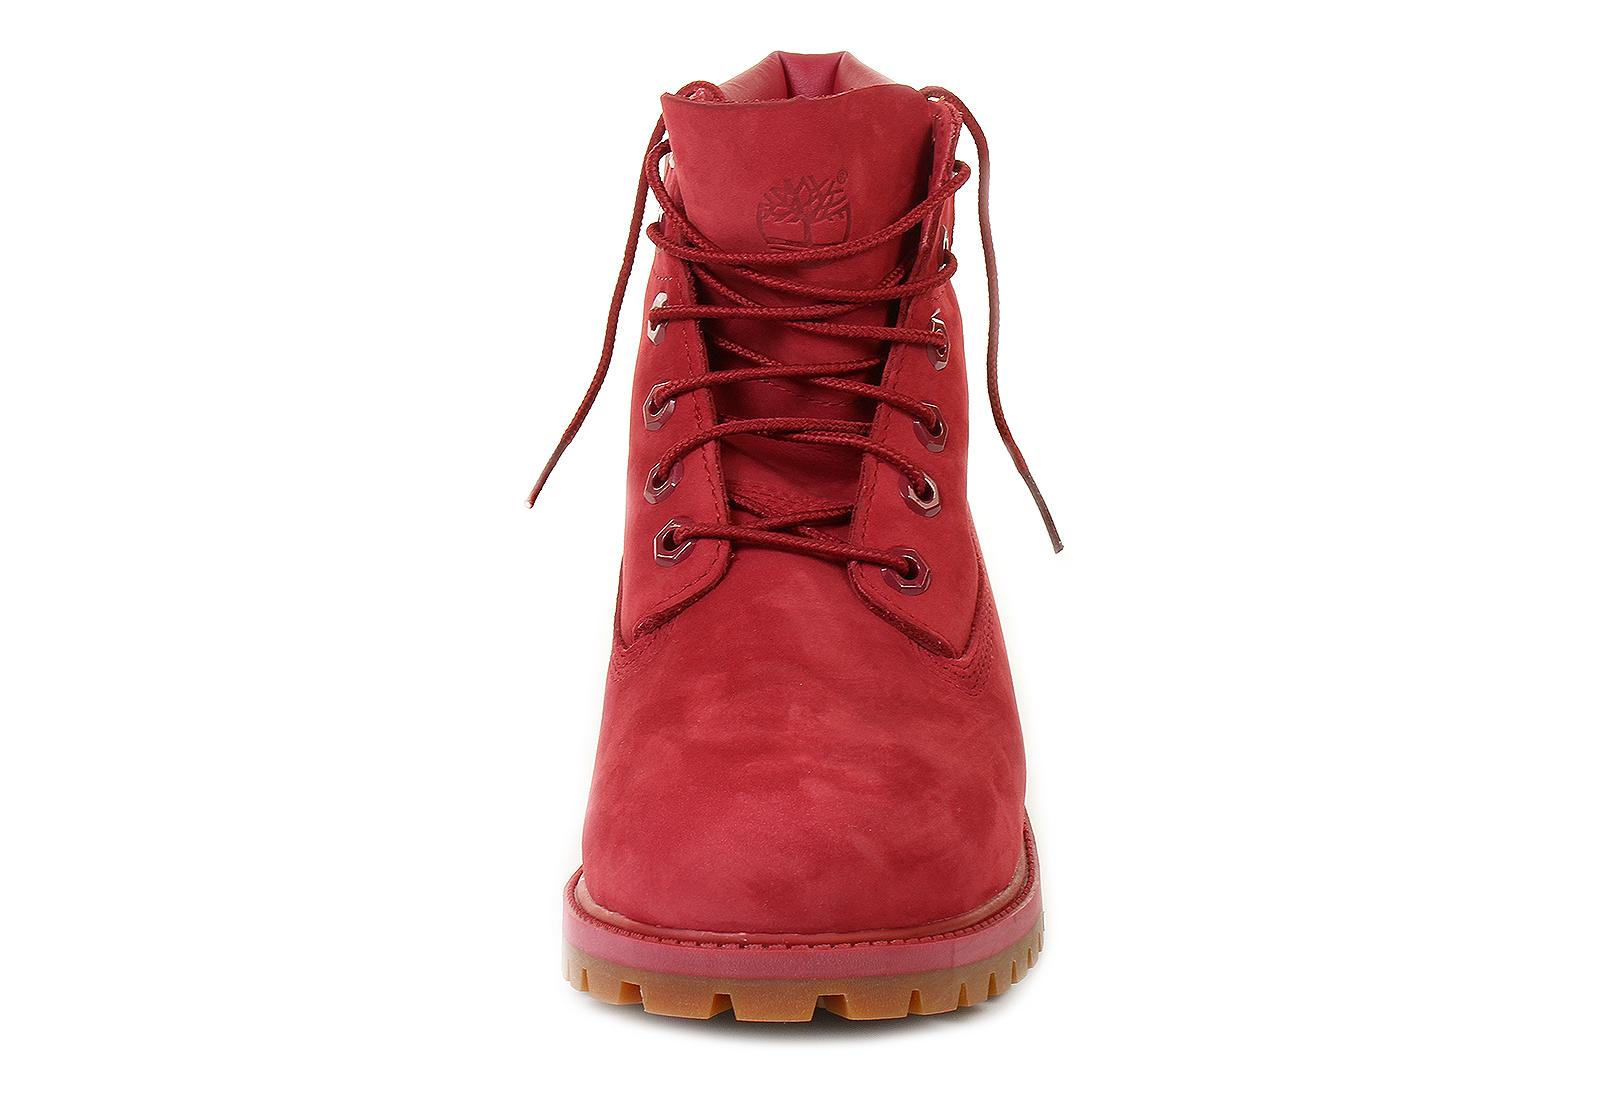 Røde Timberland Støvler Størrelse 7,5